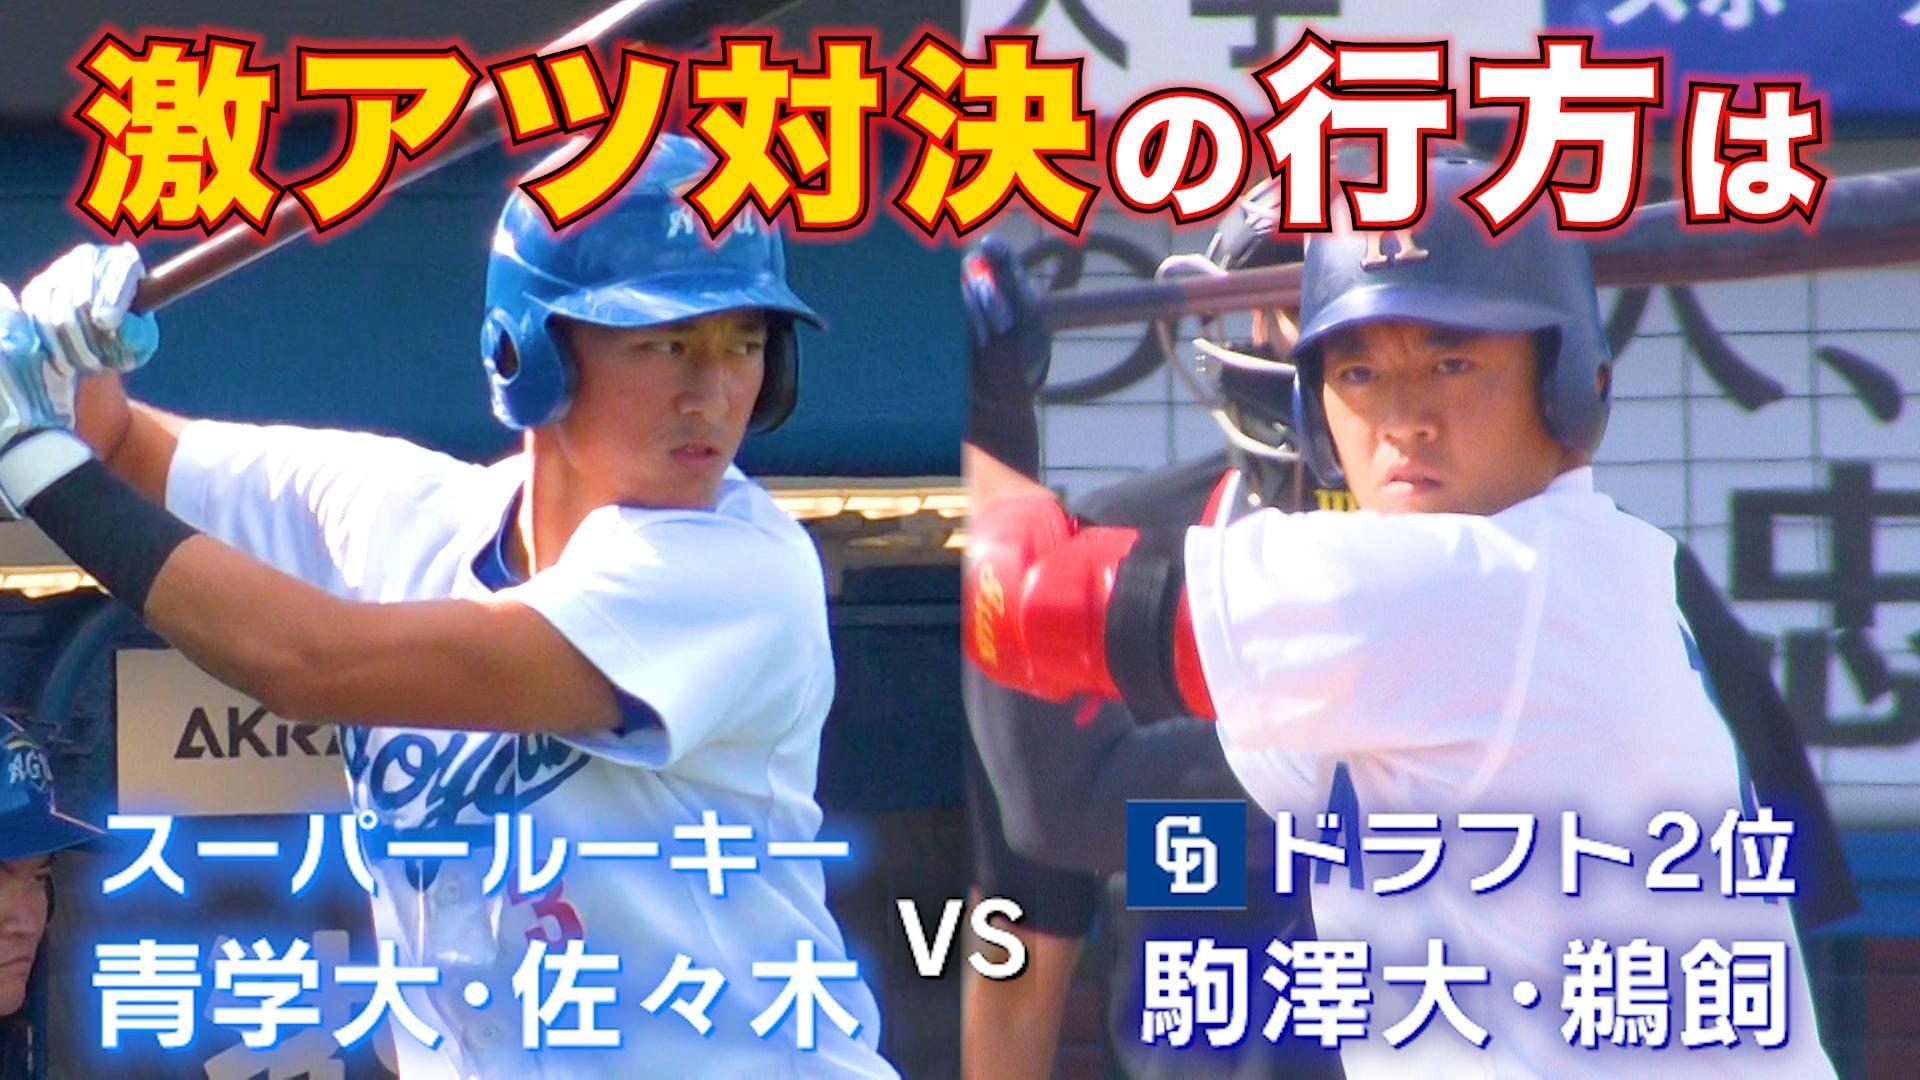 【激アツ】スーパールーキー 青山学院大・佐々木泰 vs 中日2位 駒澤大・鵜飼航丞